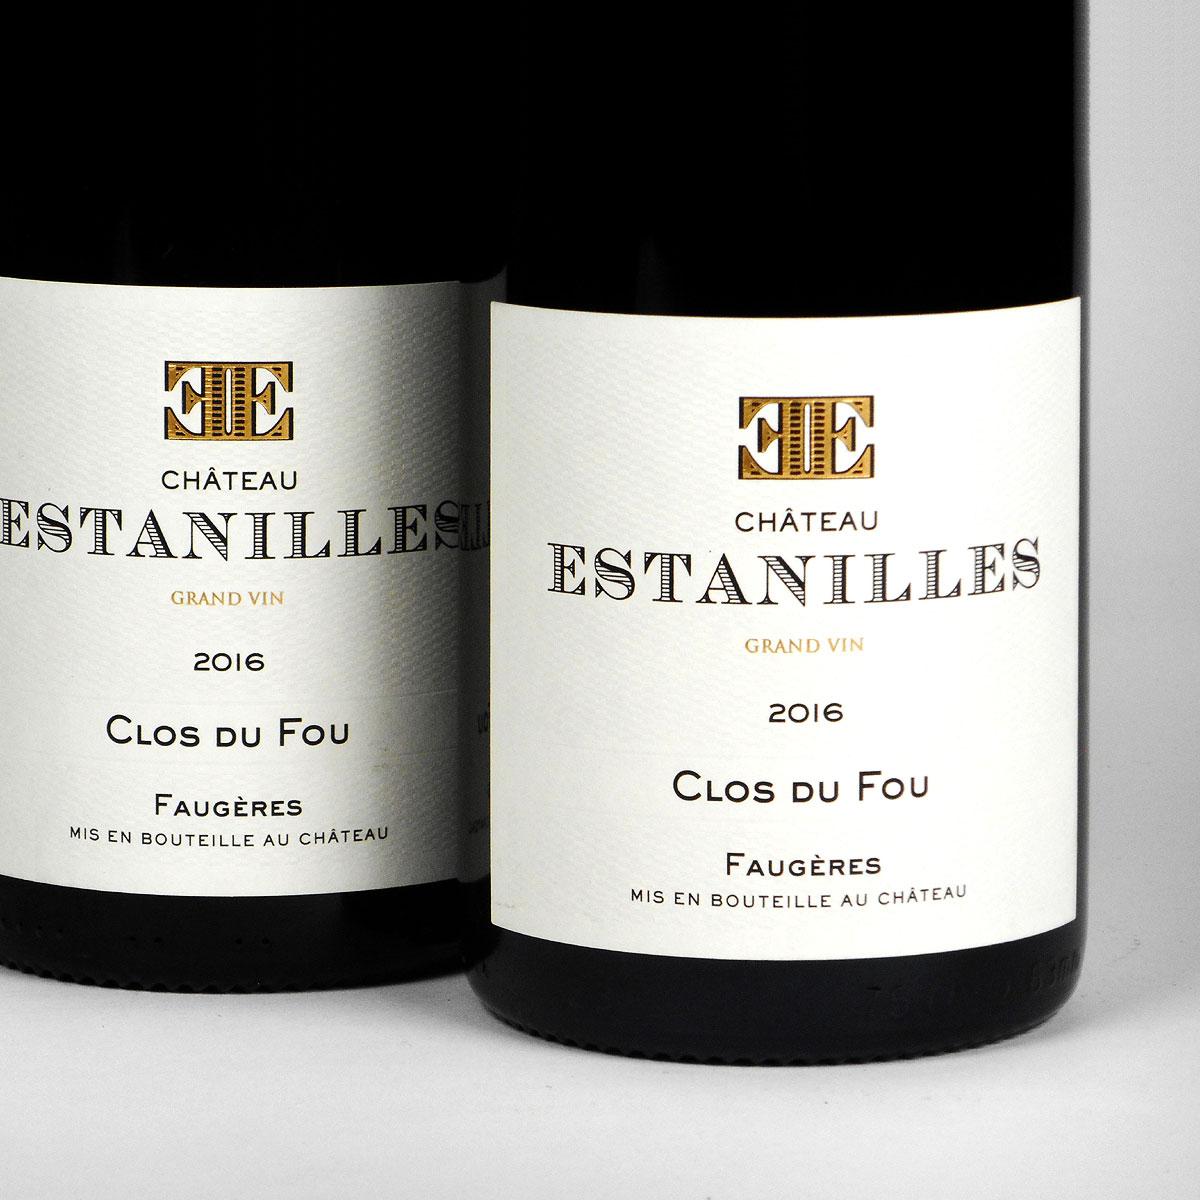 Faugères: Château Estanilles 'Clos du Fou' Rouge 2016